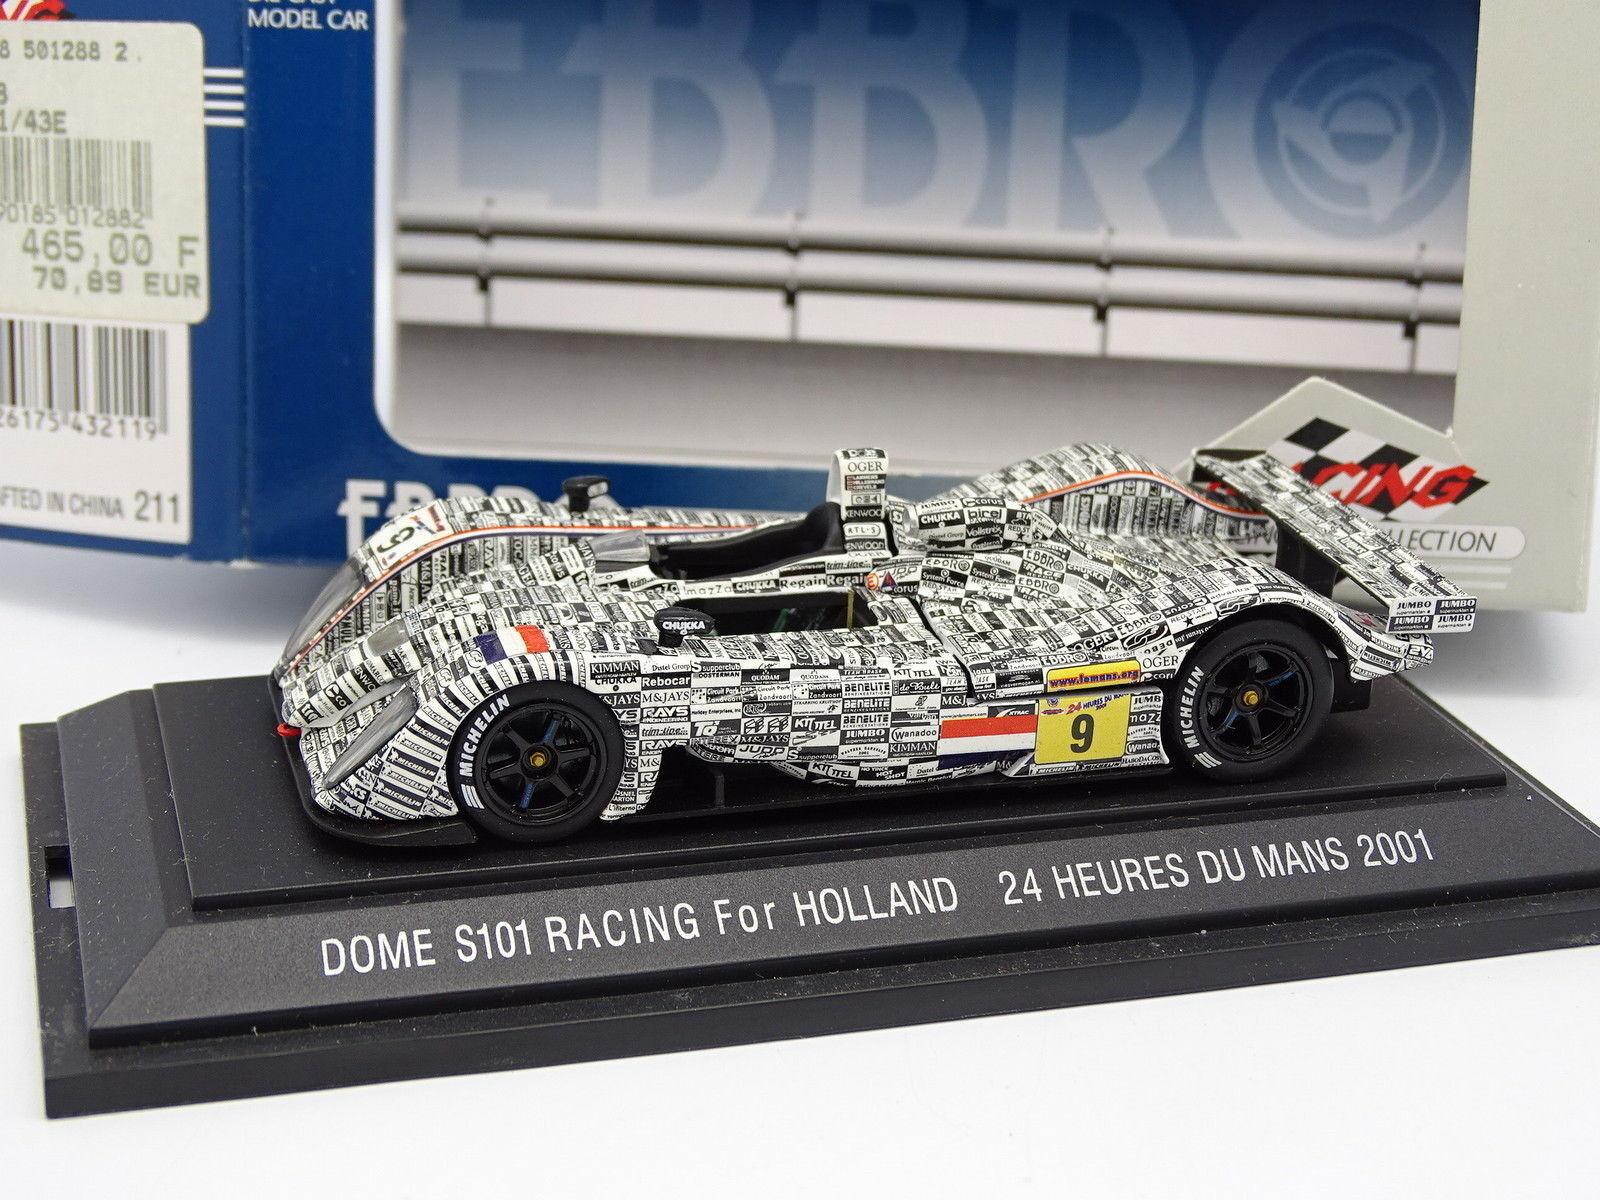 Ebbro 1 43 - - - Dome S101 Racing für Holland Le Mans 2001 Nr.9 c32dfe